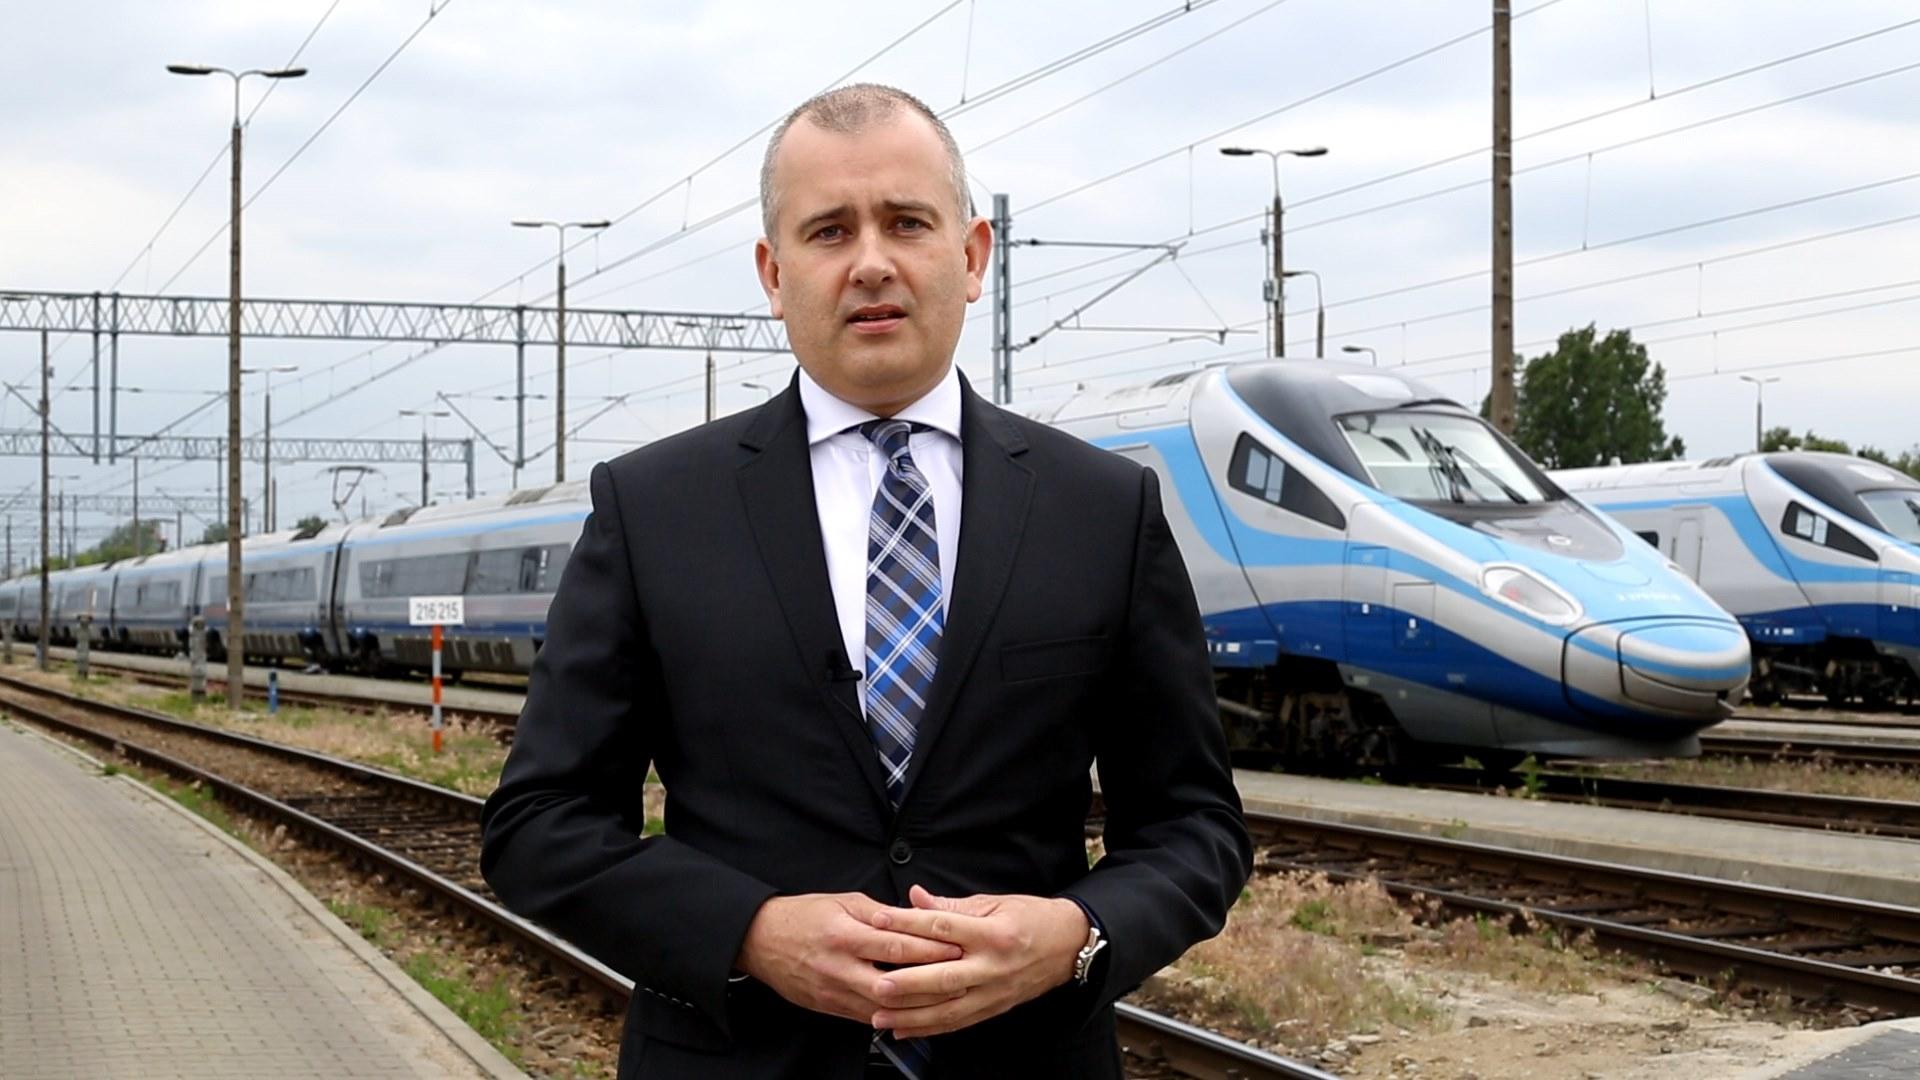 Reportaż zewspółpracy PKP Intercity S.A. zfirmą Leanpassion